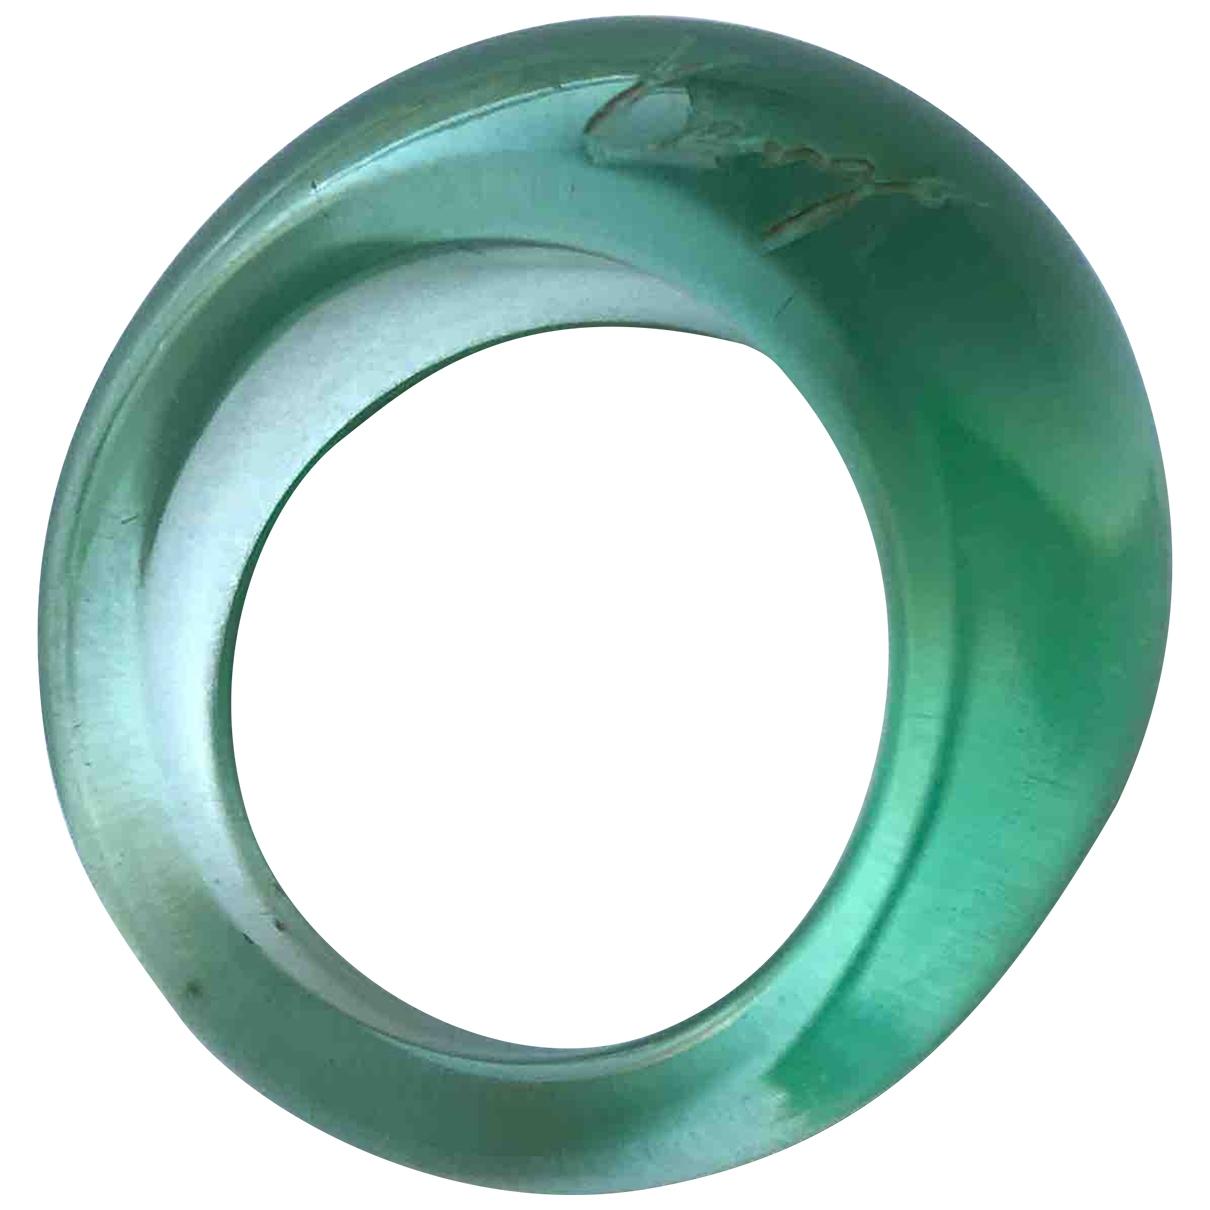 Kenzo - Bague   pour femme - vert